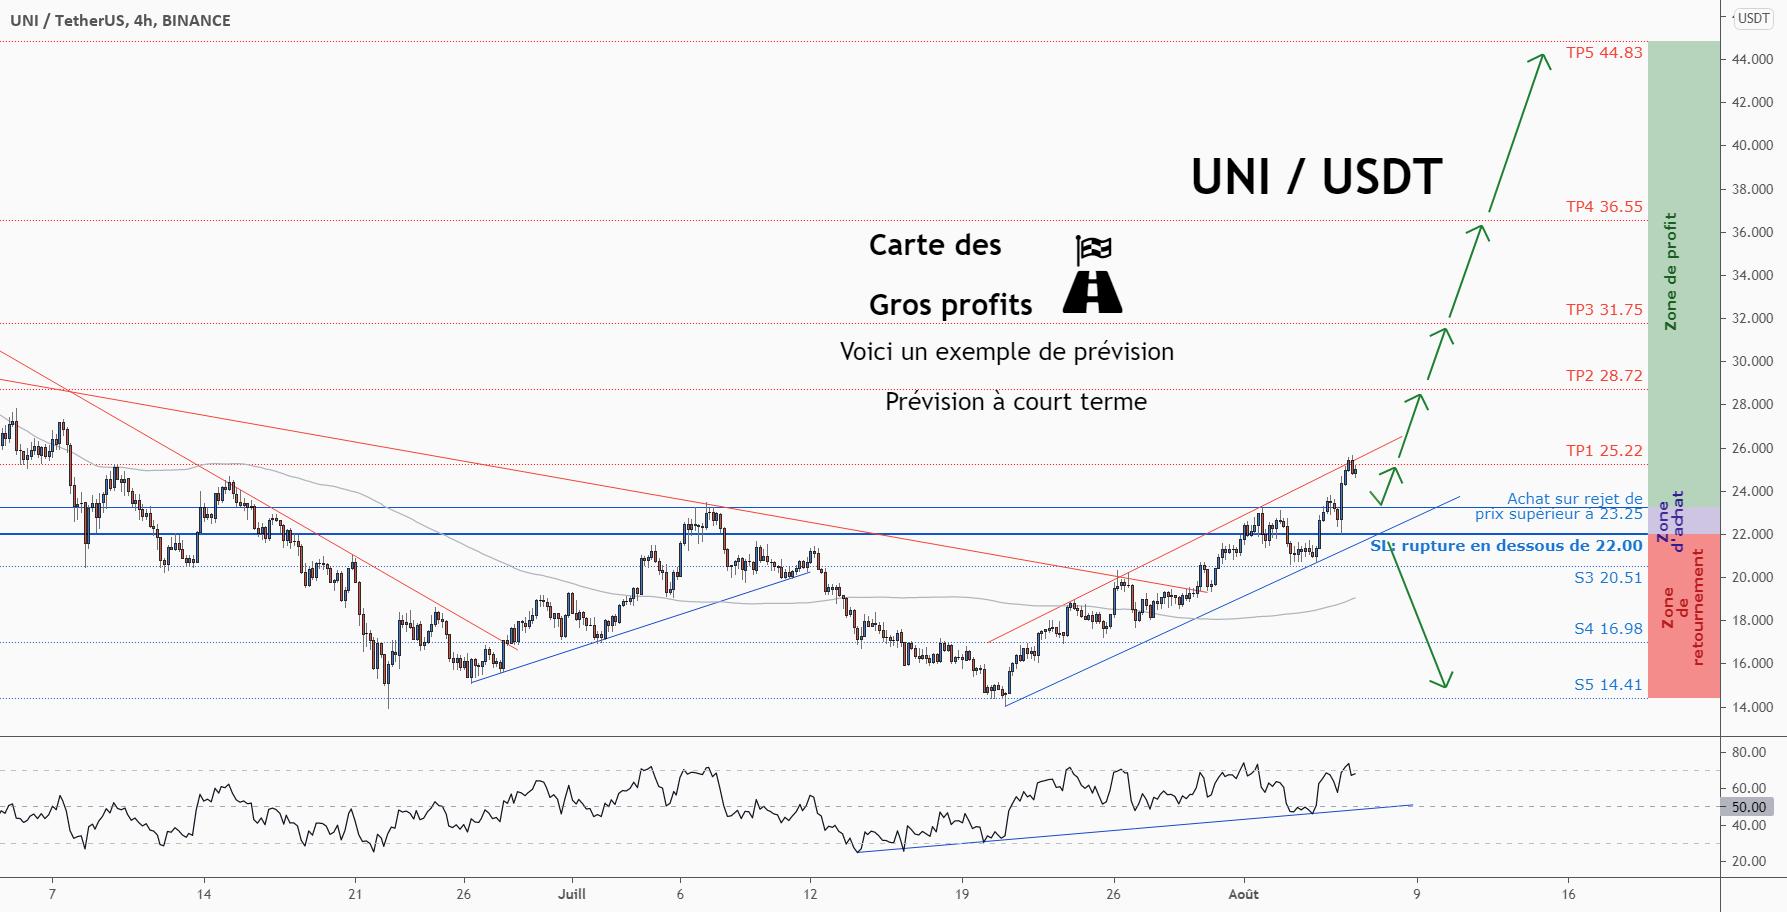 💡Ne manquez pas cette grande opportunité d'achat de UNIUSD pour BINANCE:UNIUSDT par ForecastCity_Francais